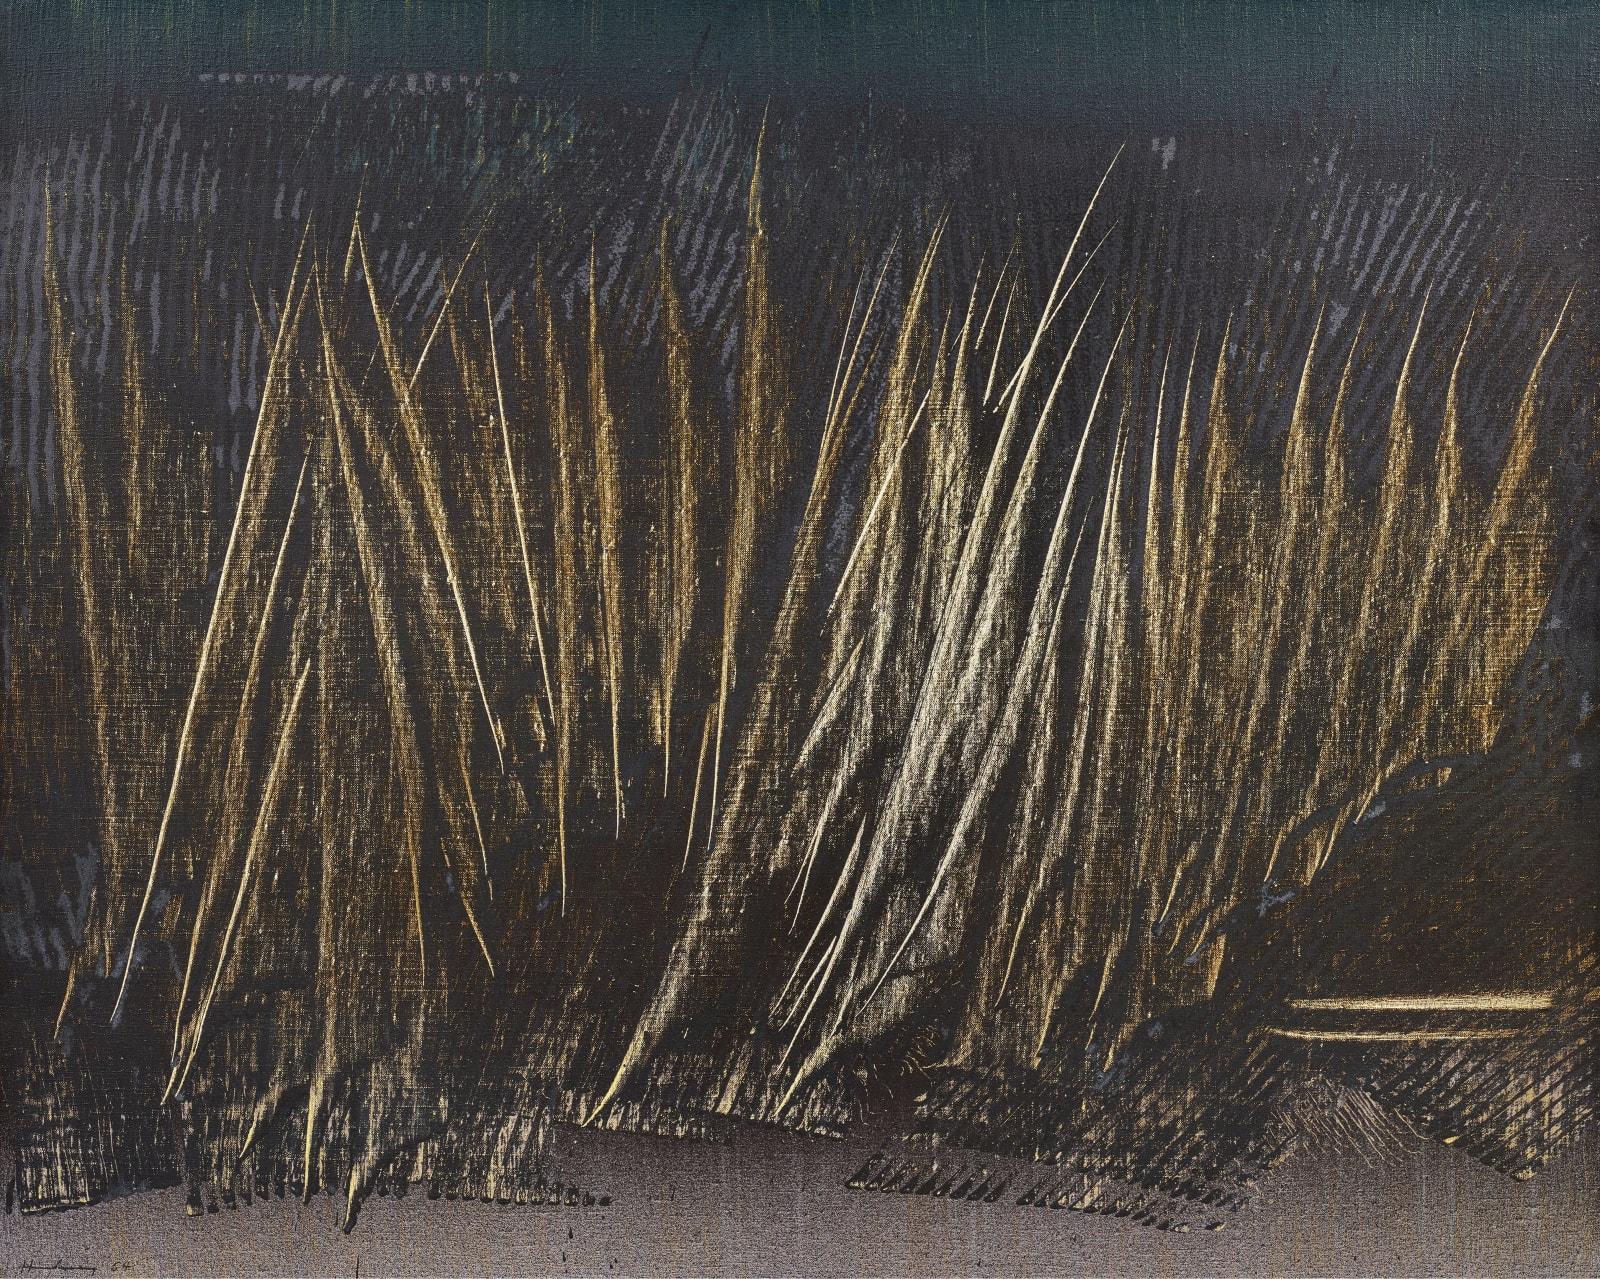 Hans Hartung, T1964-E8, 1964